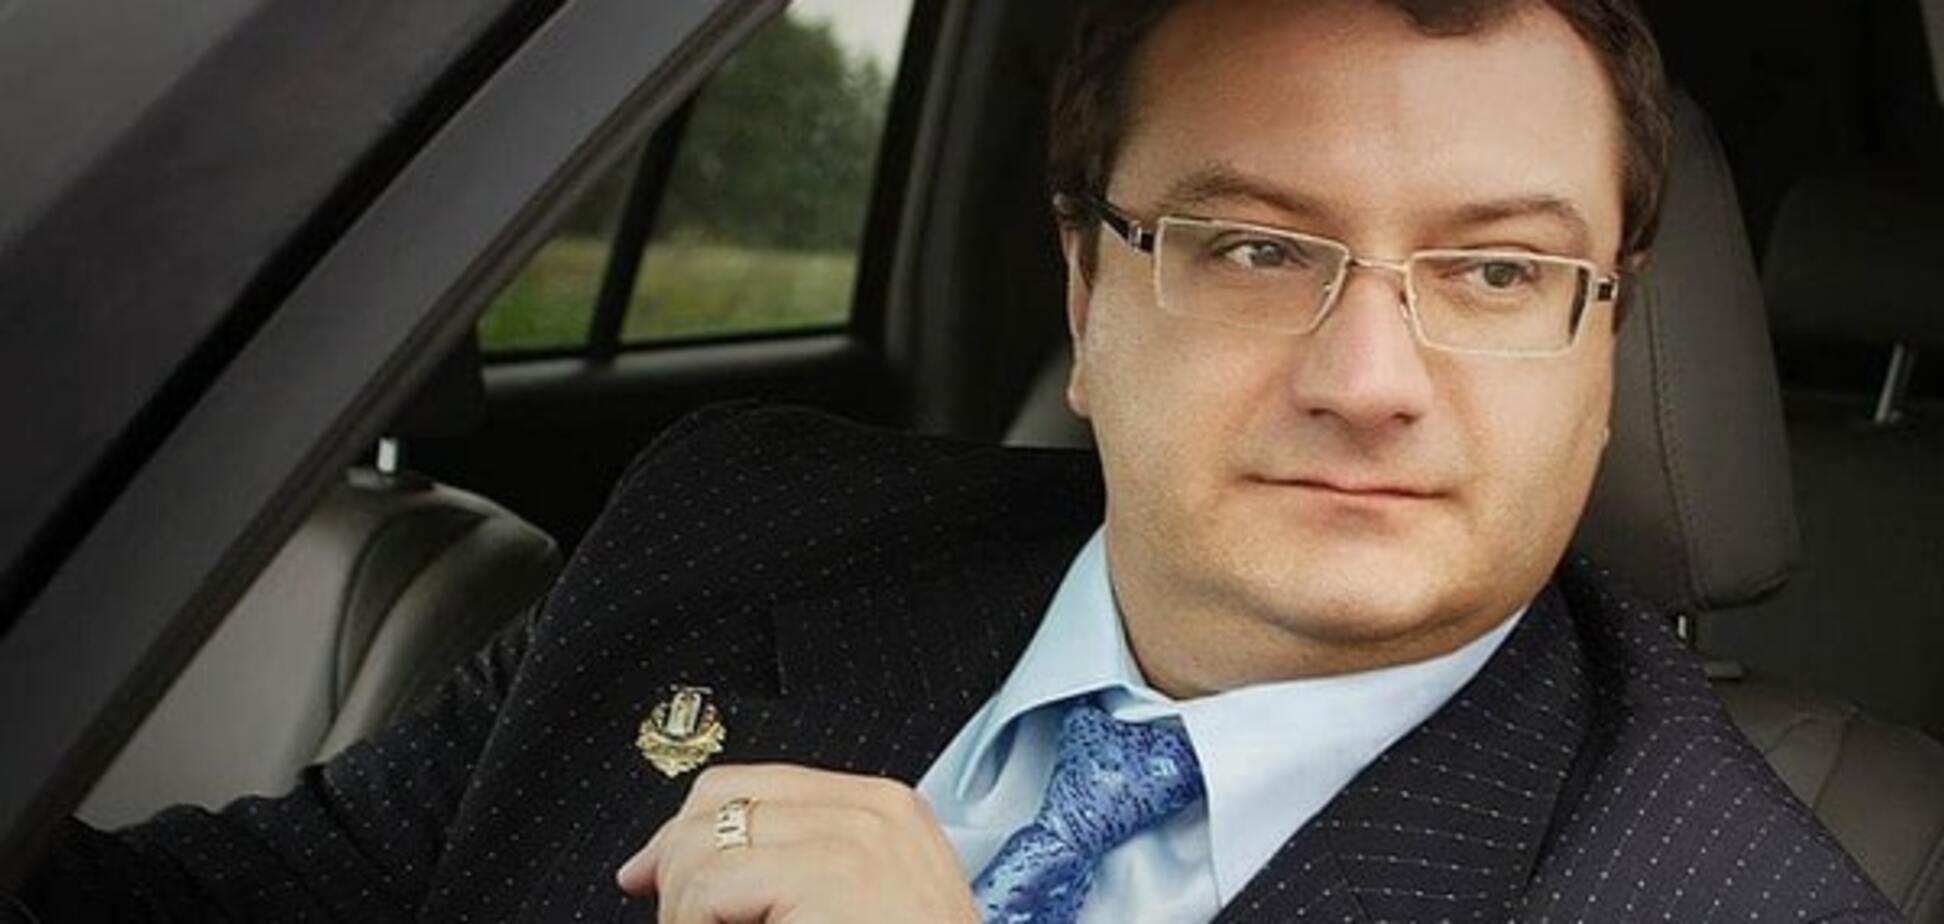 Спецслужби розкрили подробиці вбивства Грабовського